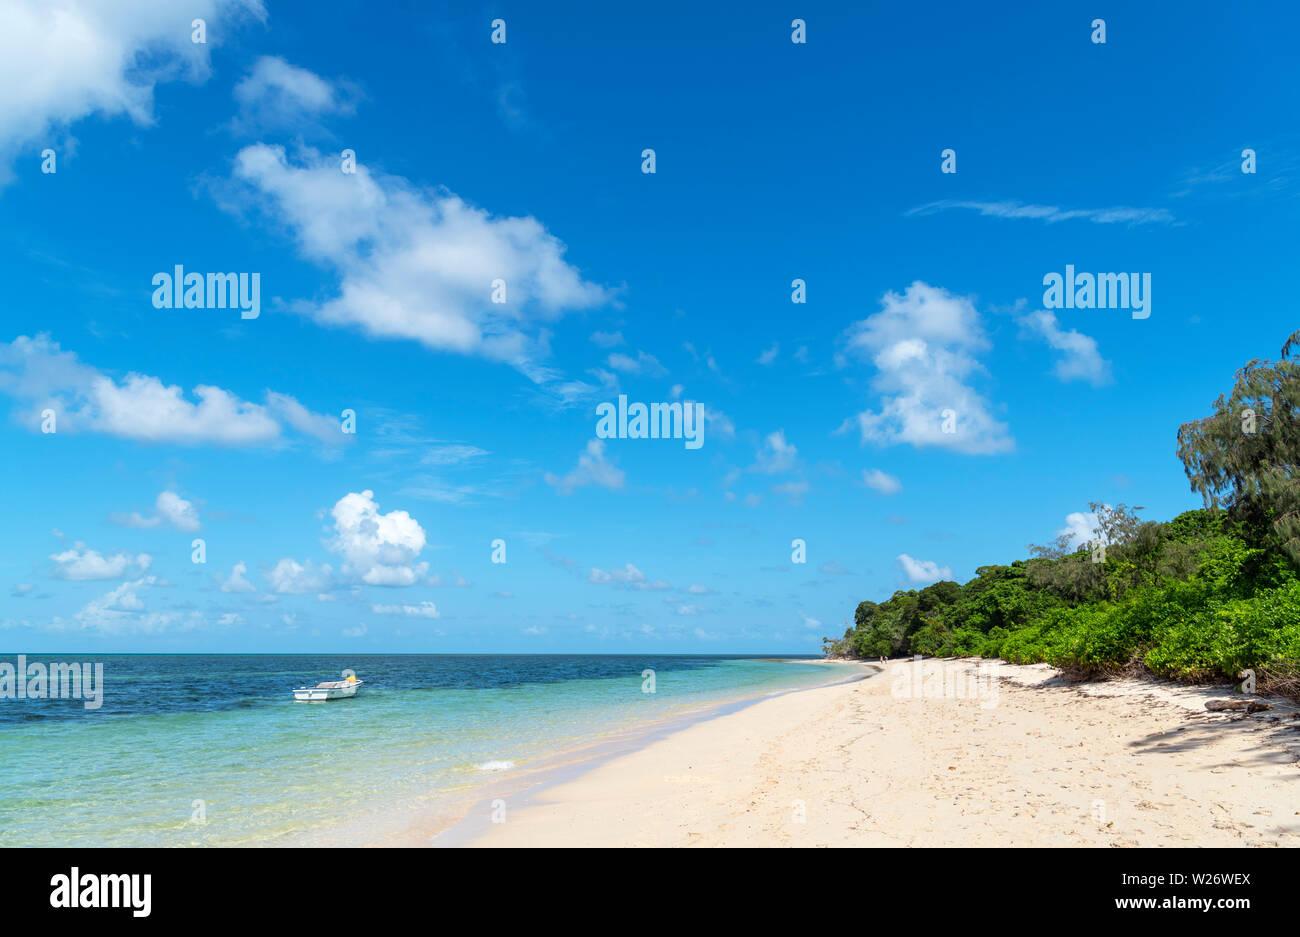 Playa de Isla Verde, un coral cay en el Parque Marino de la Gran Barrera de Coral, Queensland, Australia Foto de stock